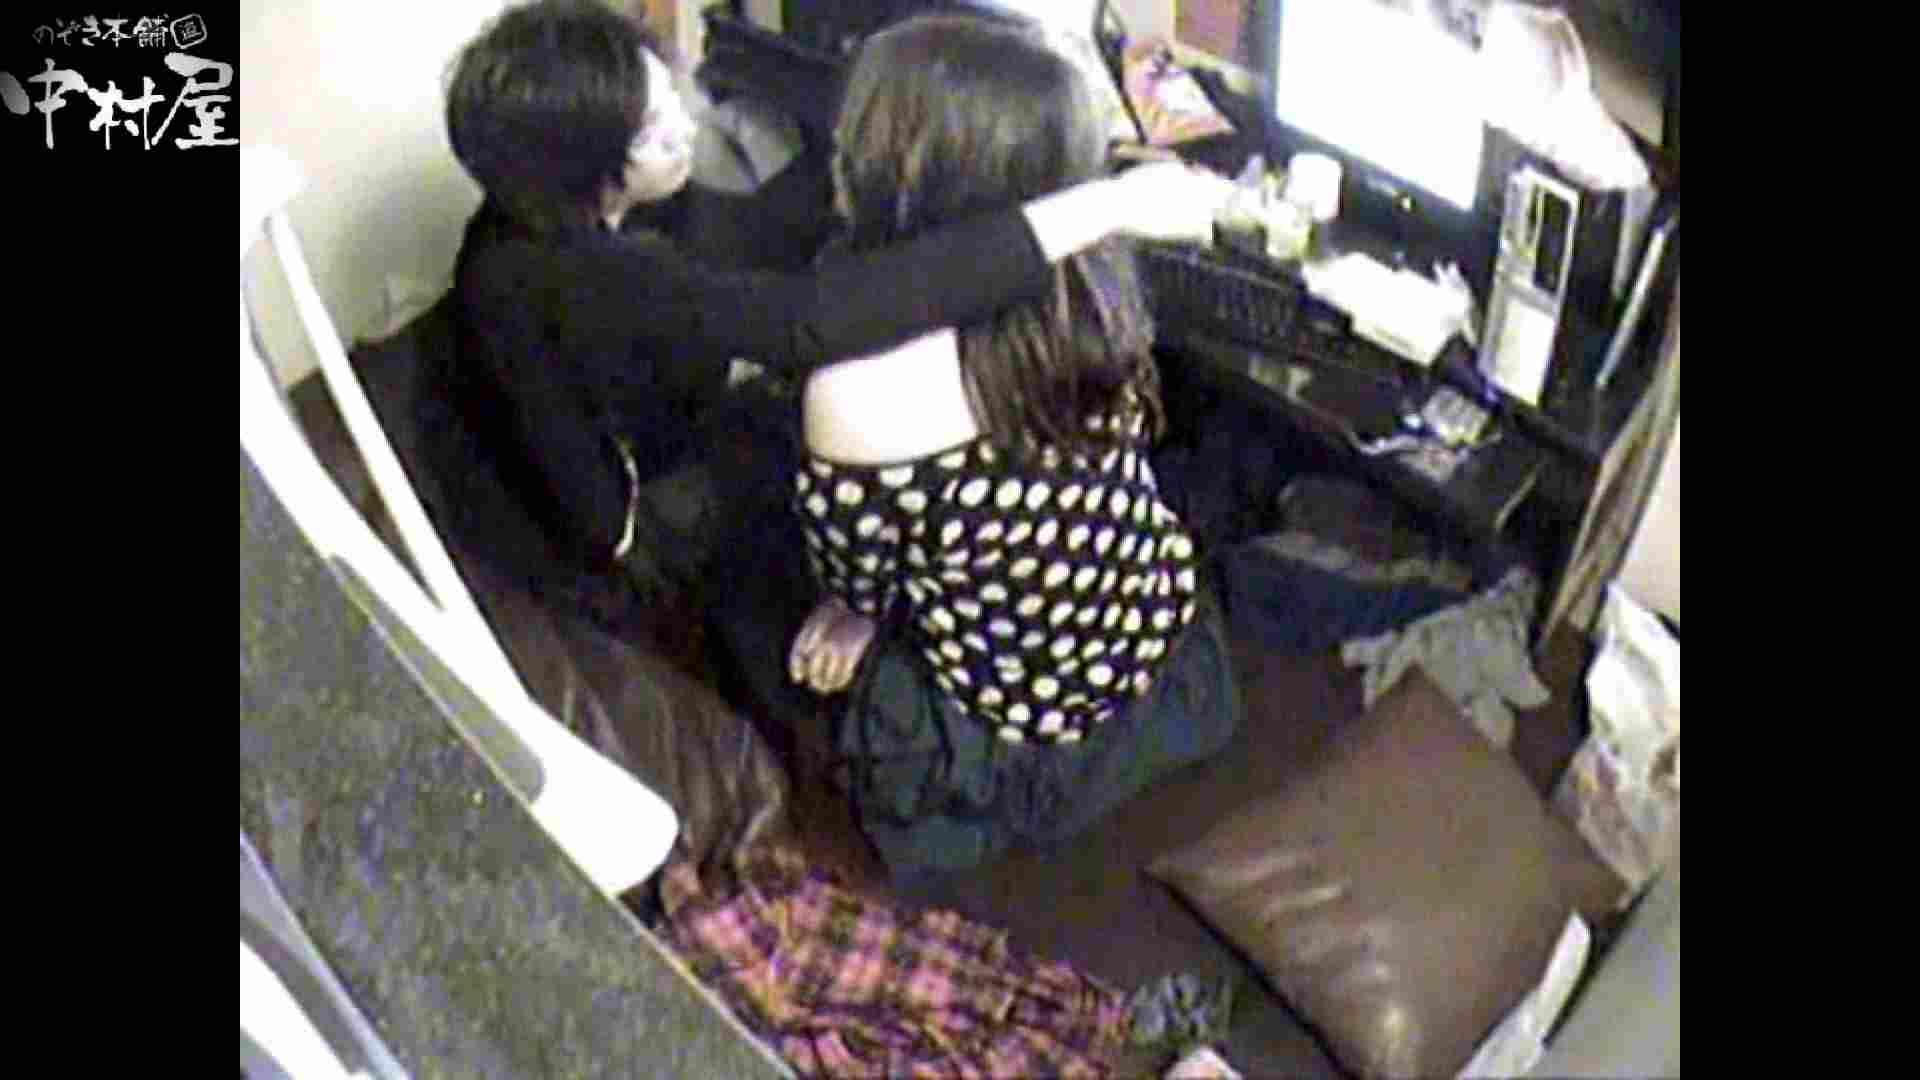 インターネットカフェの中で起こっている出来事 vol.003 カップル映像 | 卑猥すぎ  77PIX 77